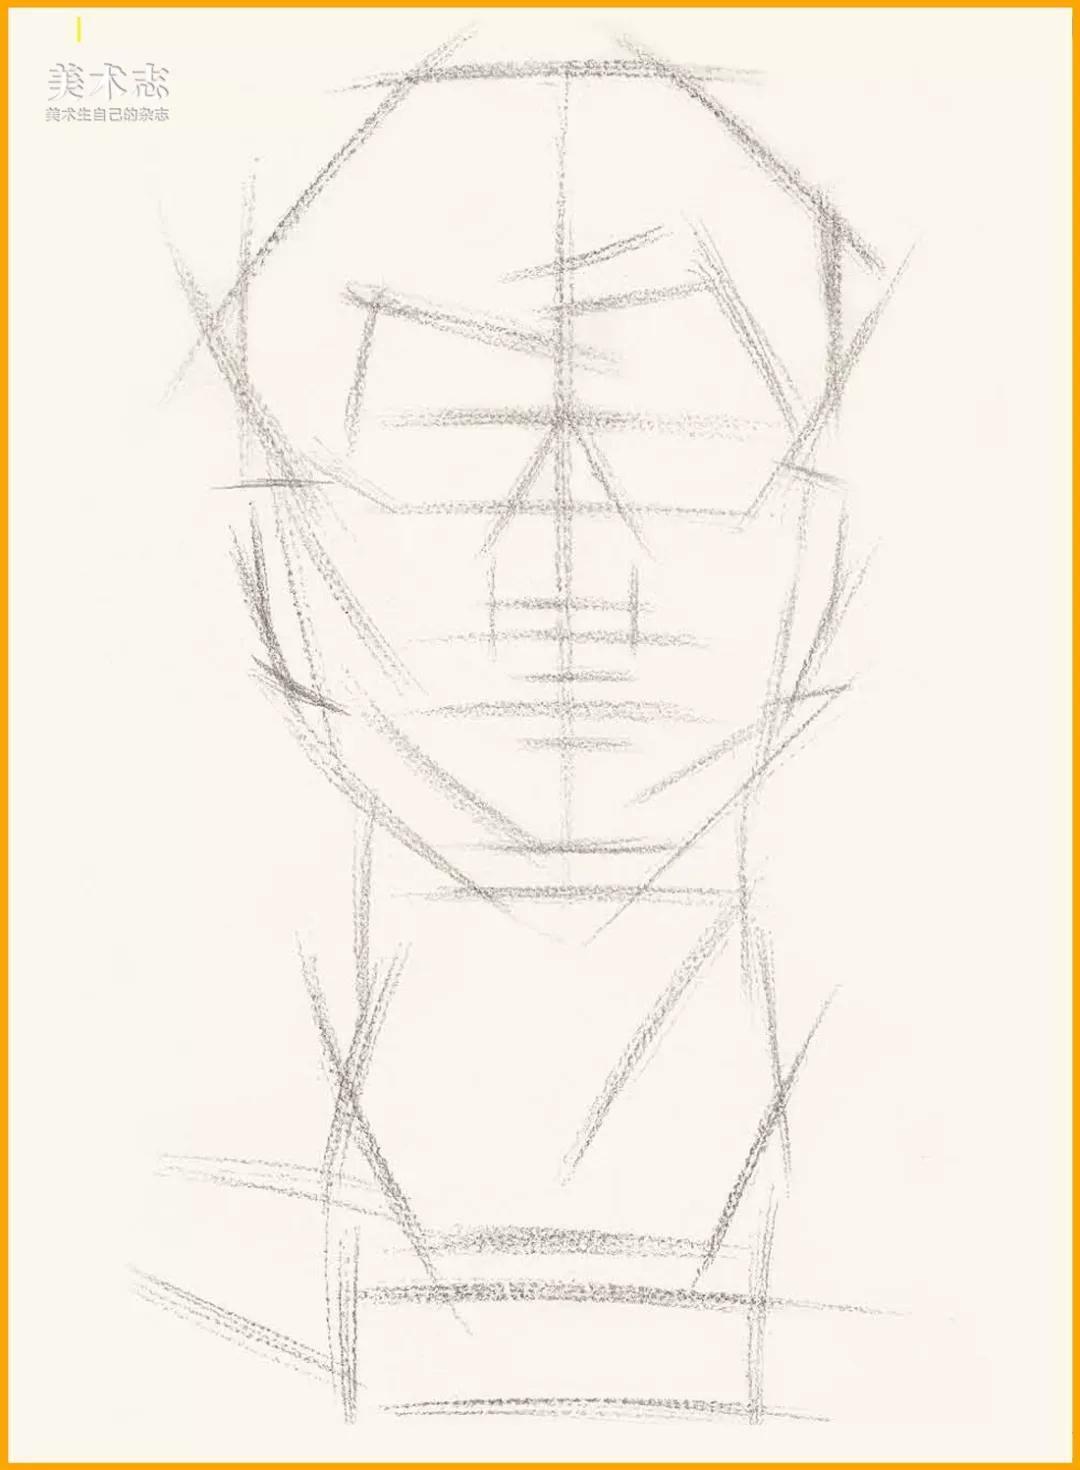 手绘体块素材图片